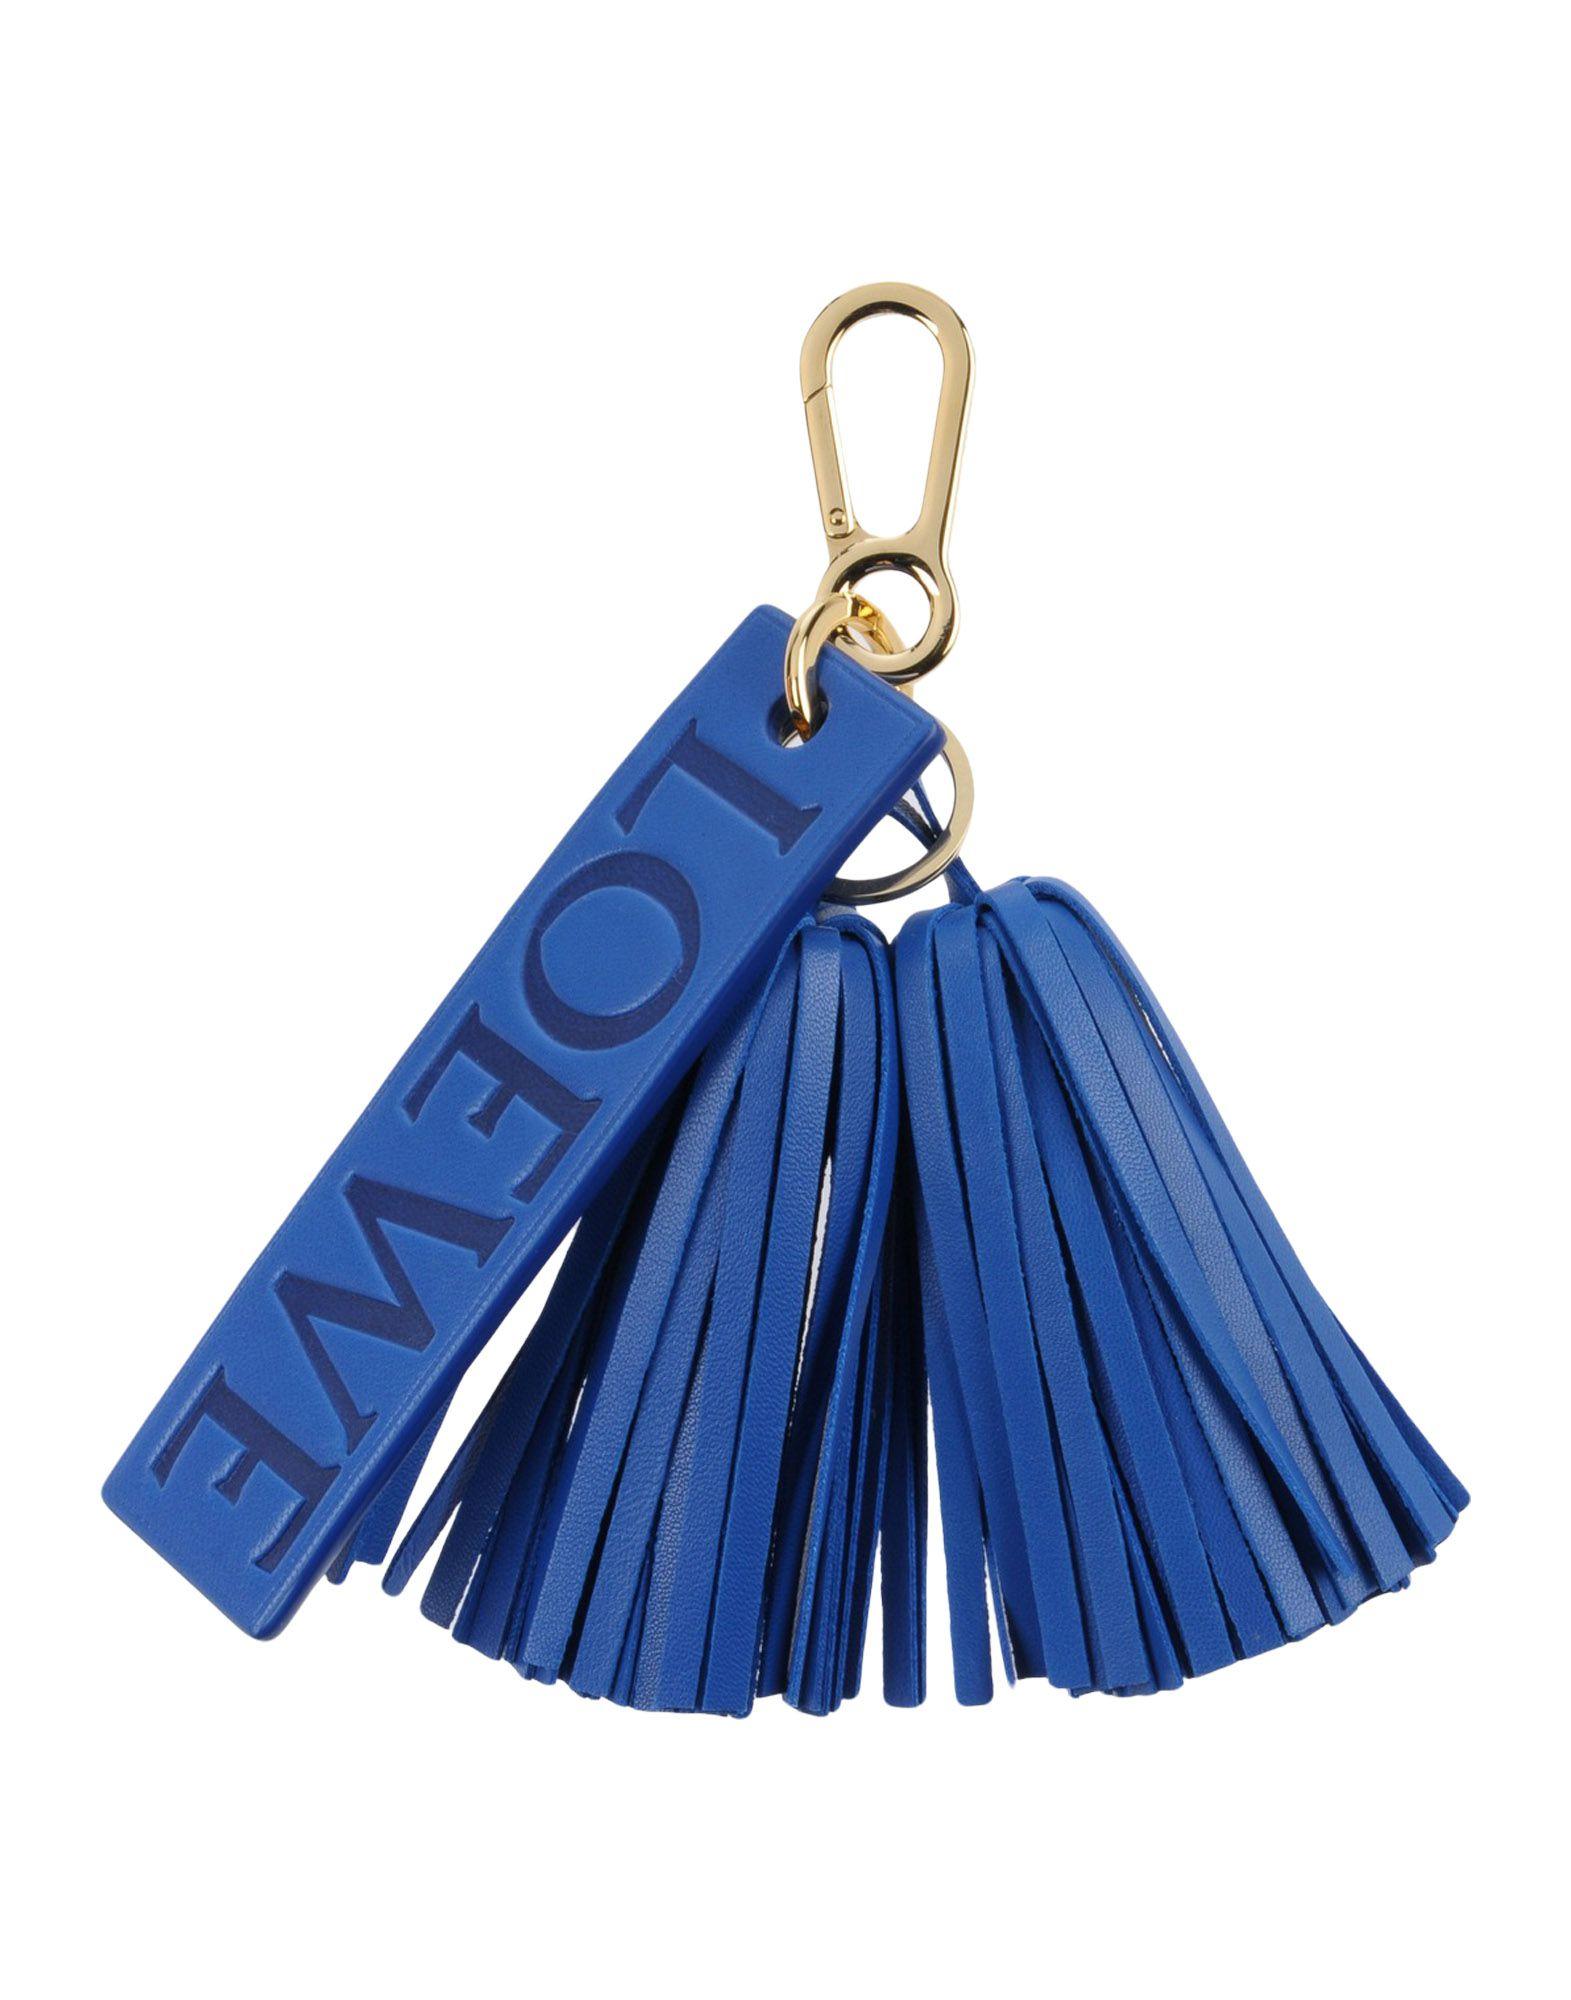 LOEWE Брелок для ключей bo bopai брелок для ключей мужская кожа талия висит брелок для ключей многофункциональный автомобиль брелок кожа черный 16 00702